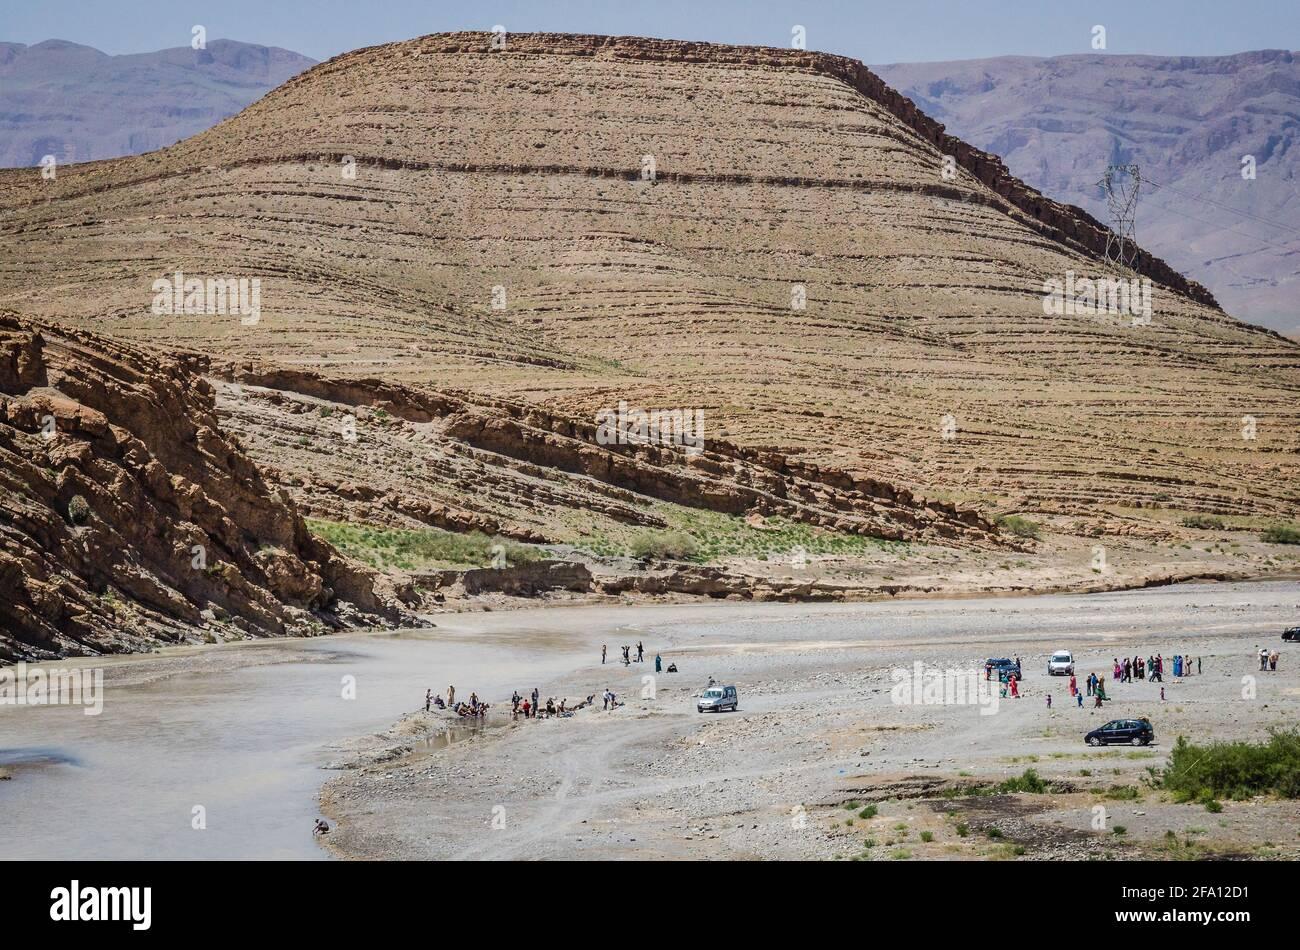 Hammat Moulay Ali Cherif, Marruecos - 11 de abril de 2015. Gente bañándose en el río Ziz Foto de stock